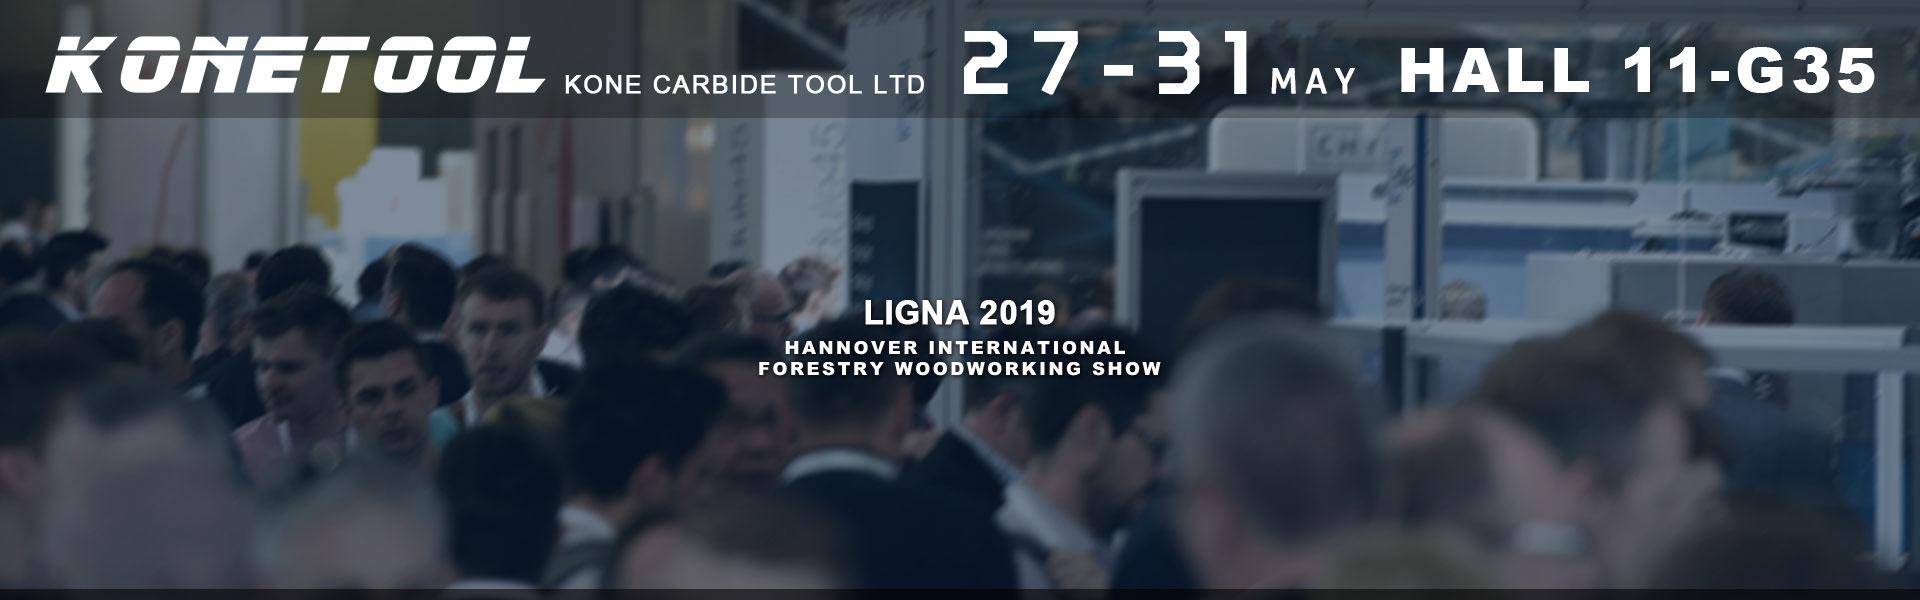 LIGNA-2019-KONETOOL